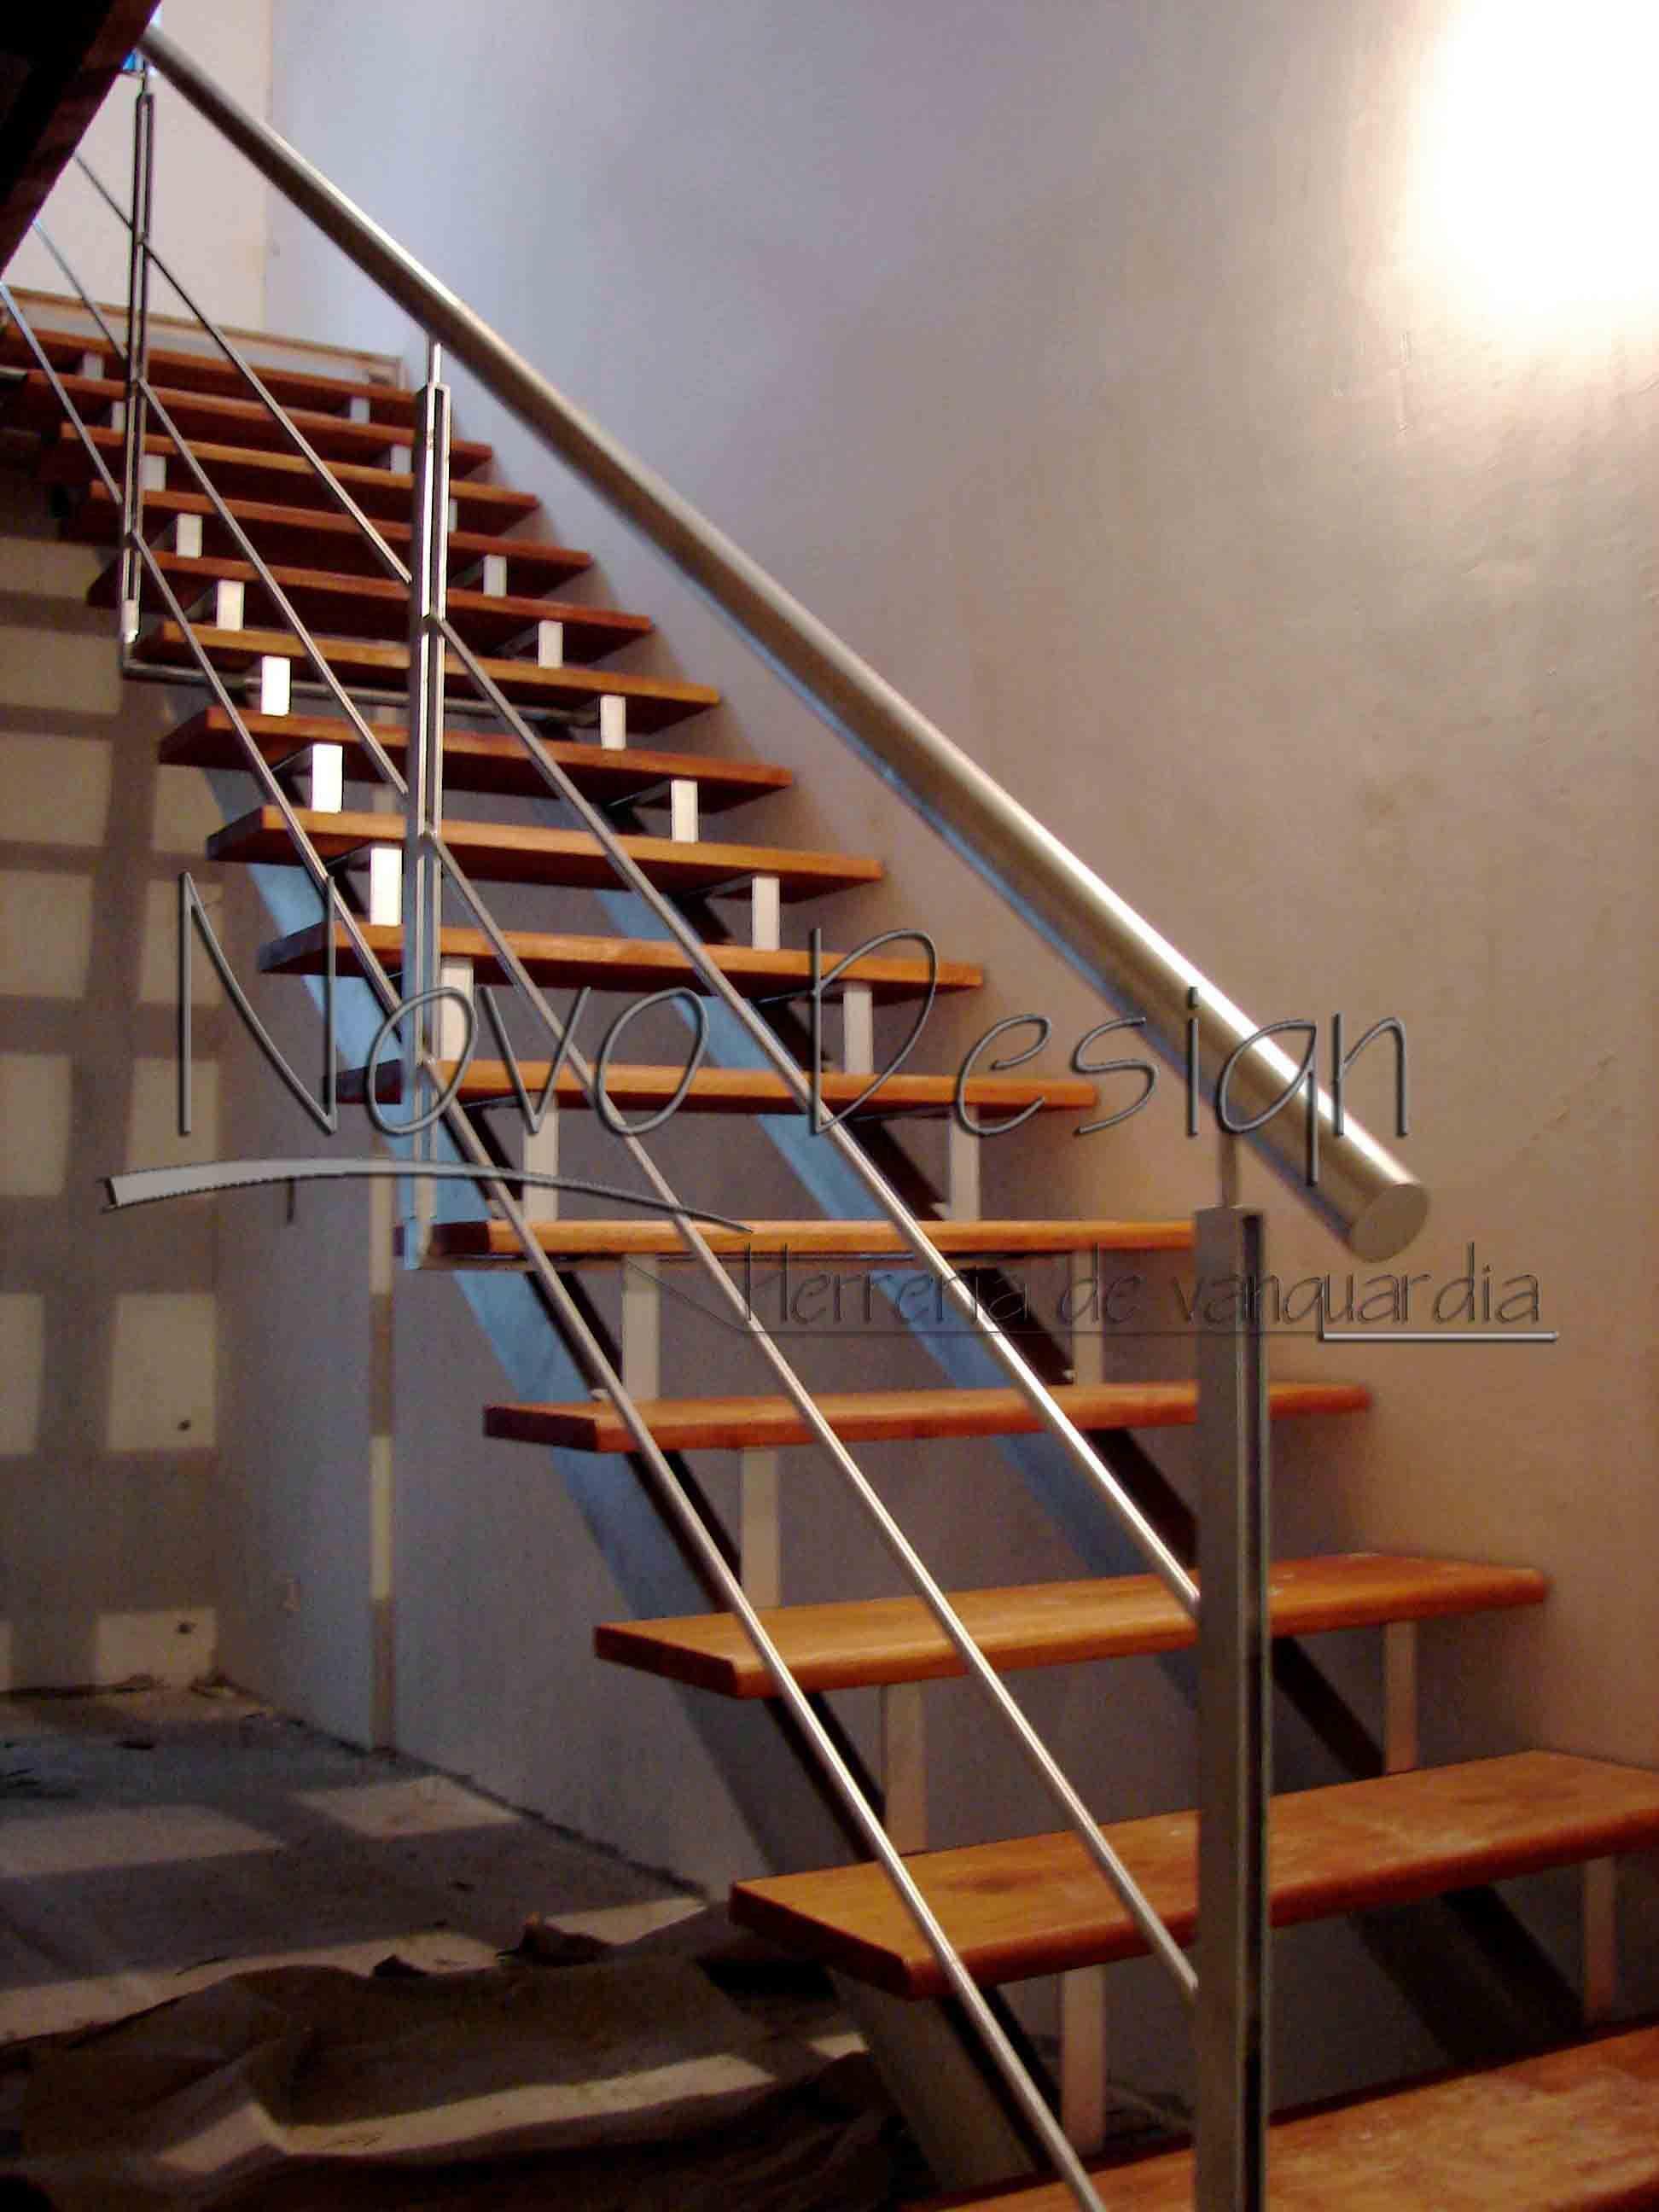 Escalera recta dos ejes venta de escaleras y barandas for Escaleras metalicas para casa